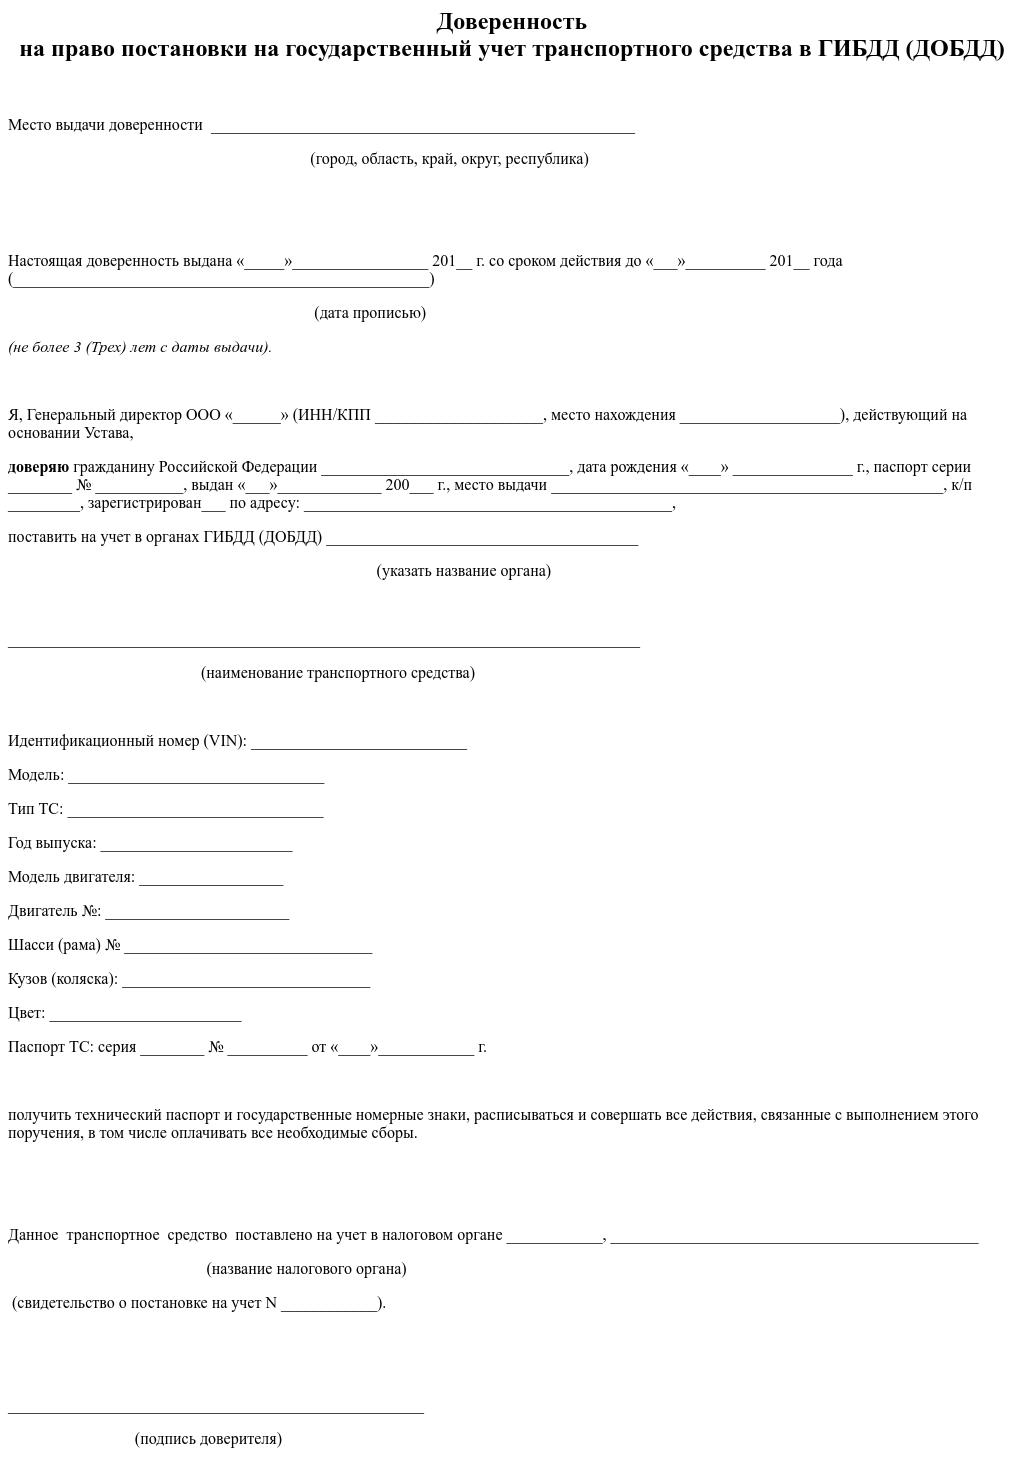 Образец Доверенность на право постановки на государственный учёт транспортного средства в ГИБДД (ДОБДД)